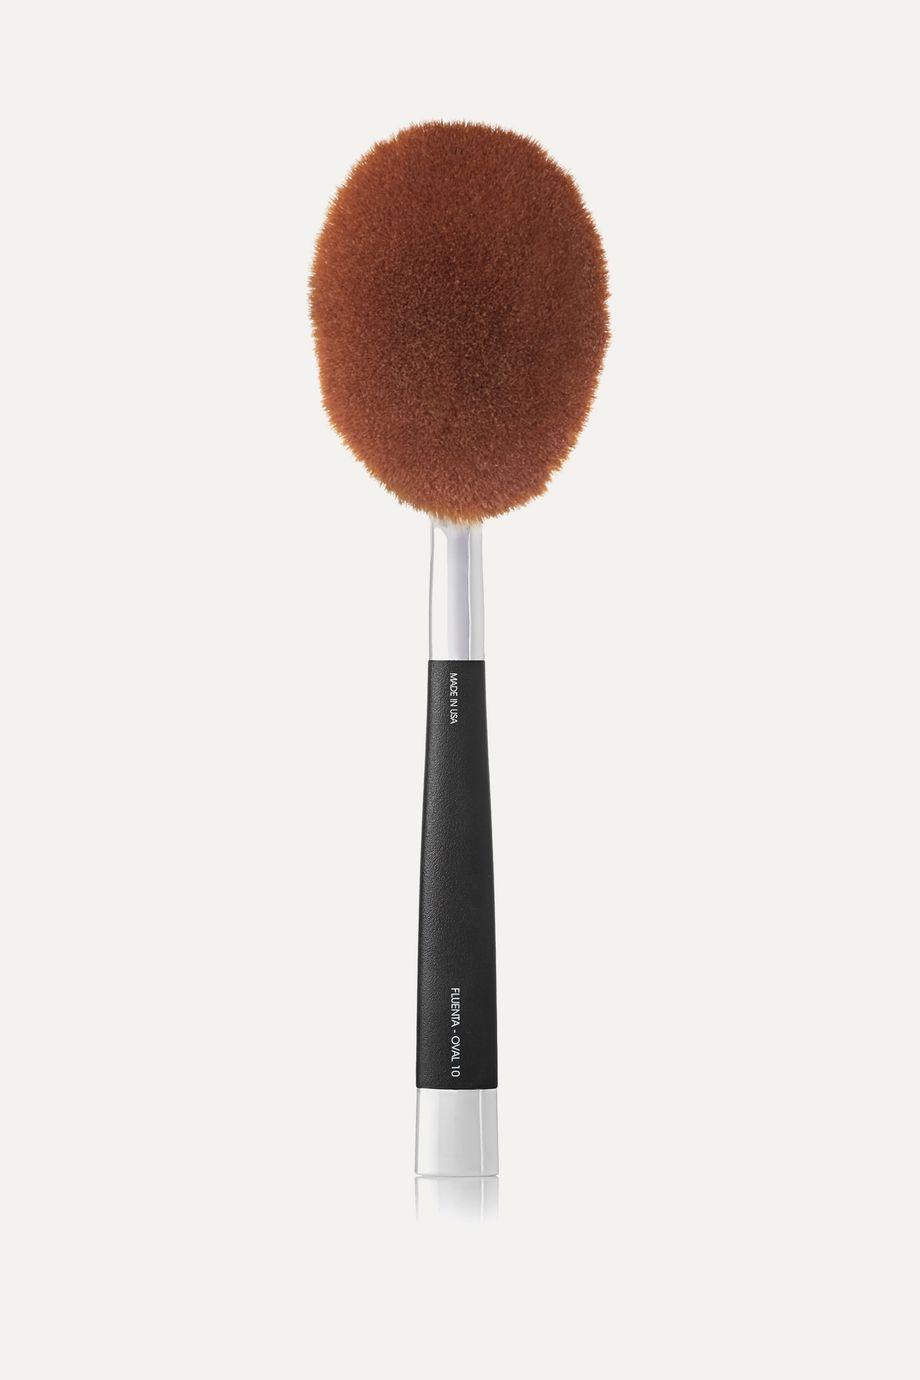 Artis Brush Fluenta Oval 10 Brush